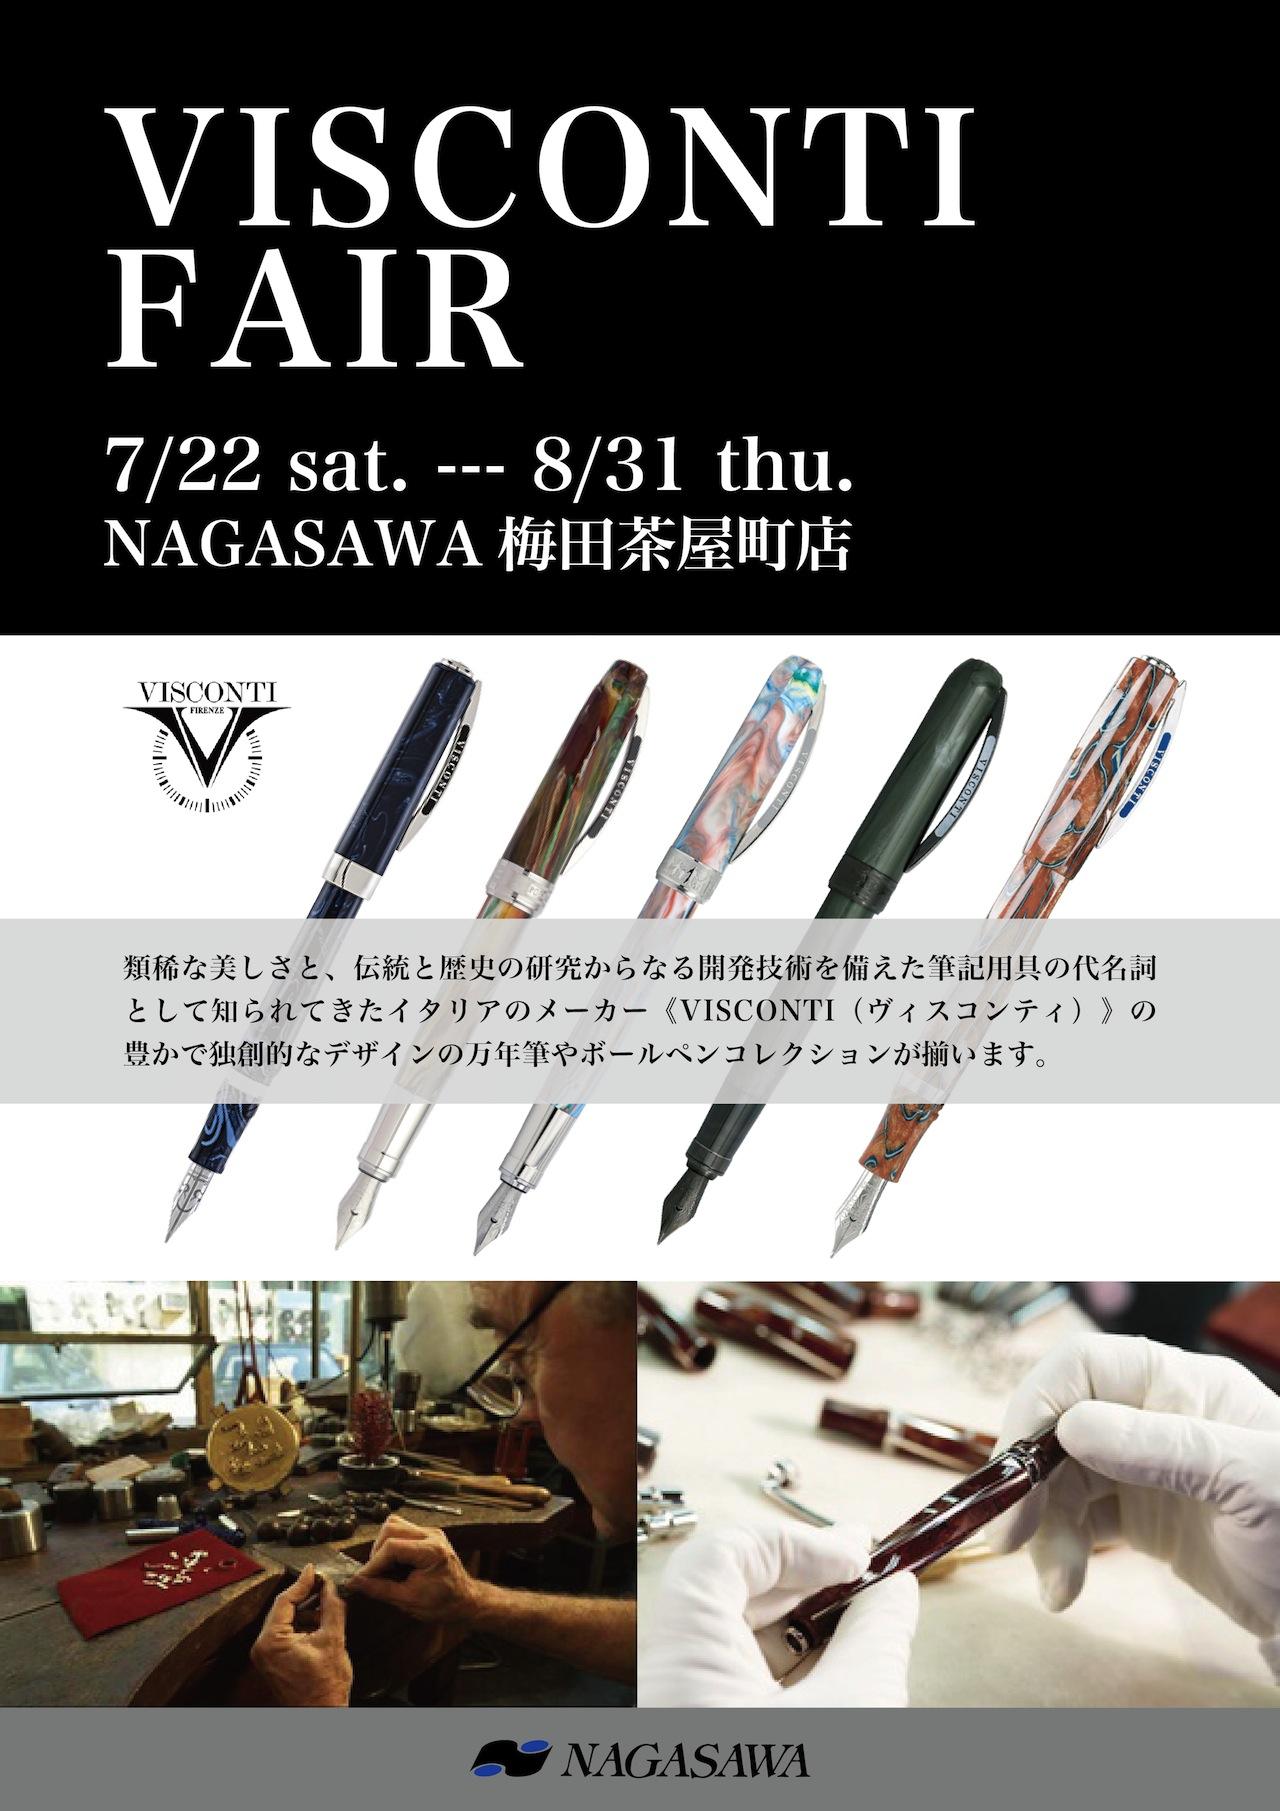 VISCONTI FAIR @ NAGASAWA梅田茶屋町店